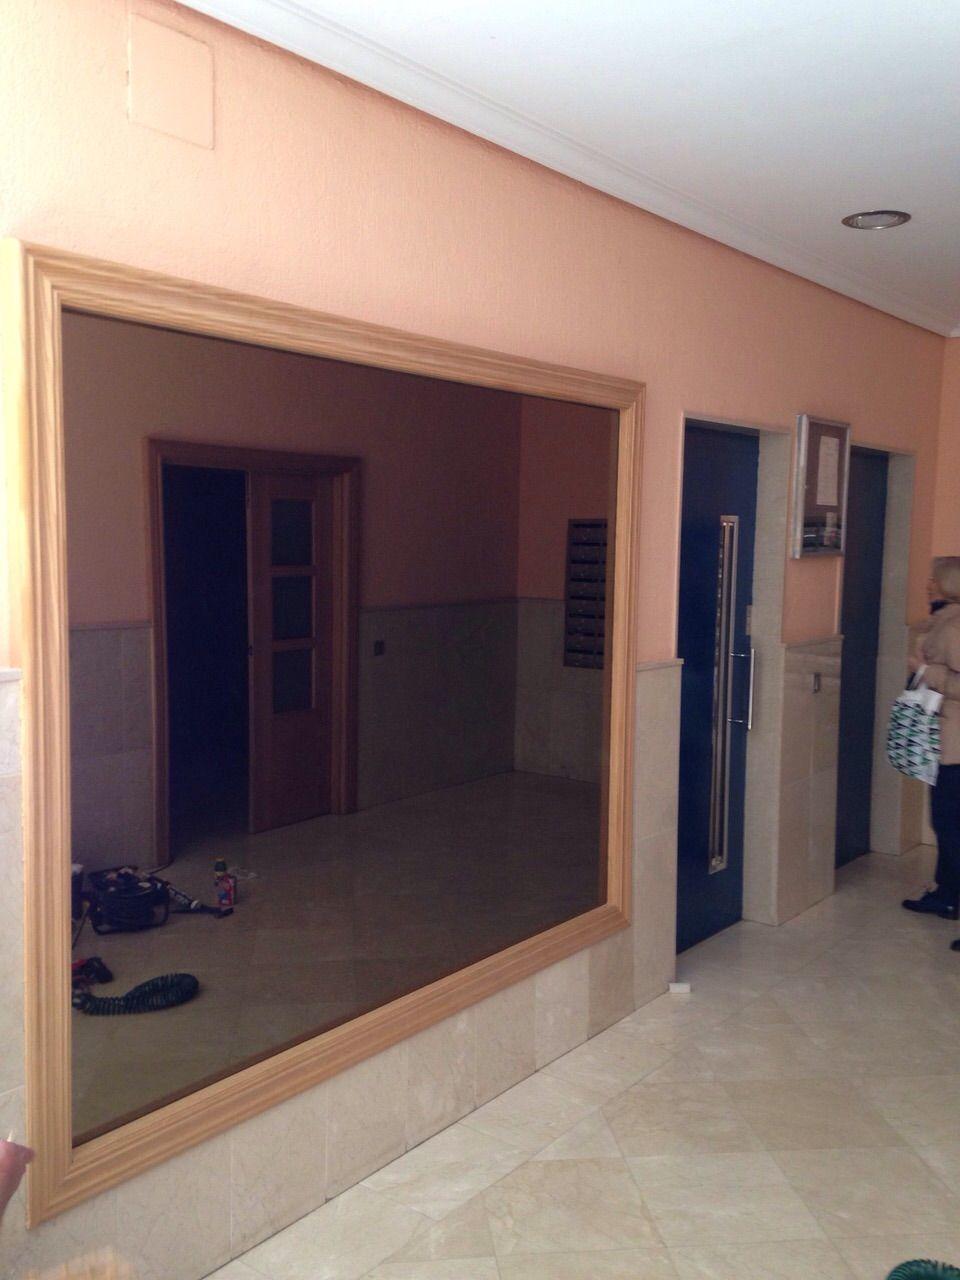 Trabajos en portal de comunidad enmarcado de espejo en madera de ...